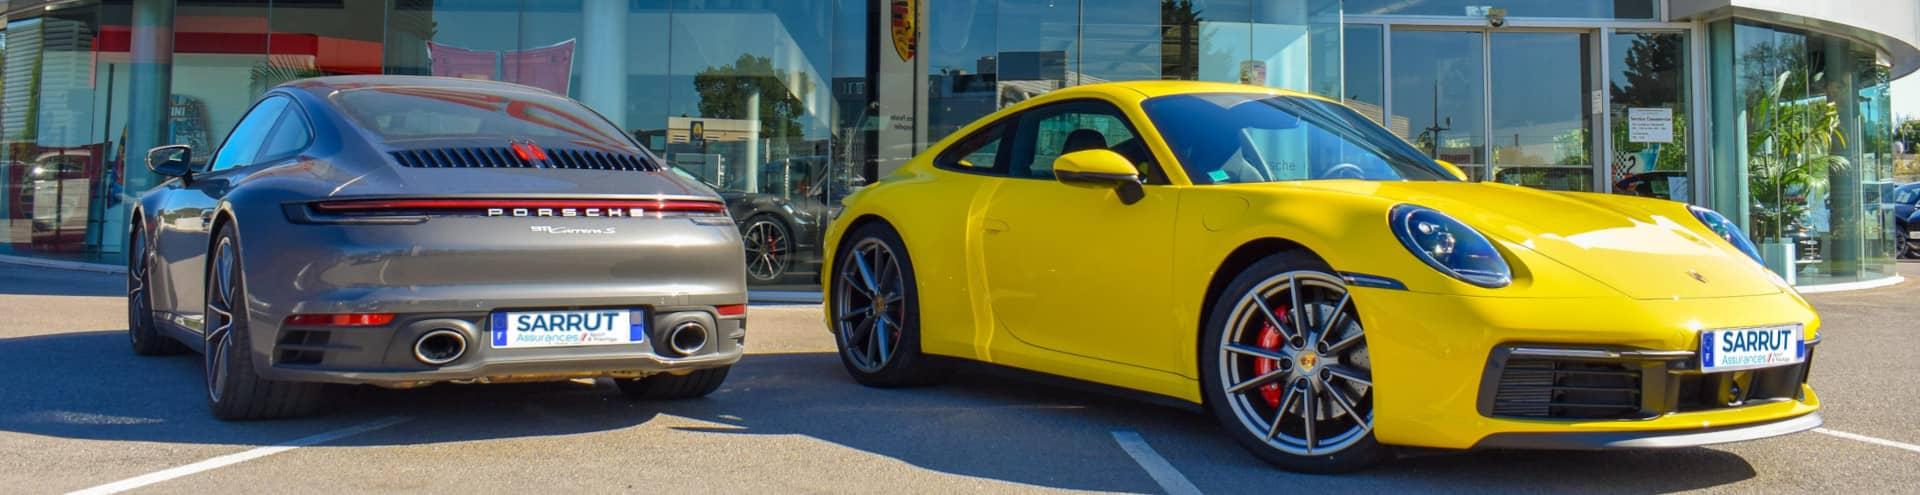 Comment réduire le coût d'assurance de sa Porsche ?